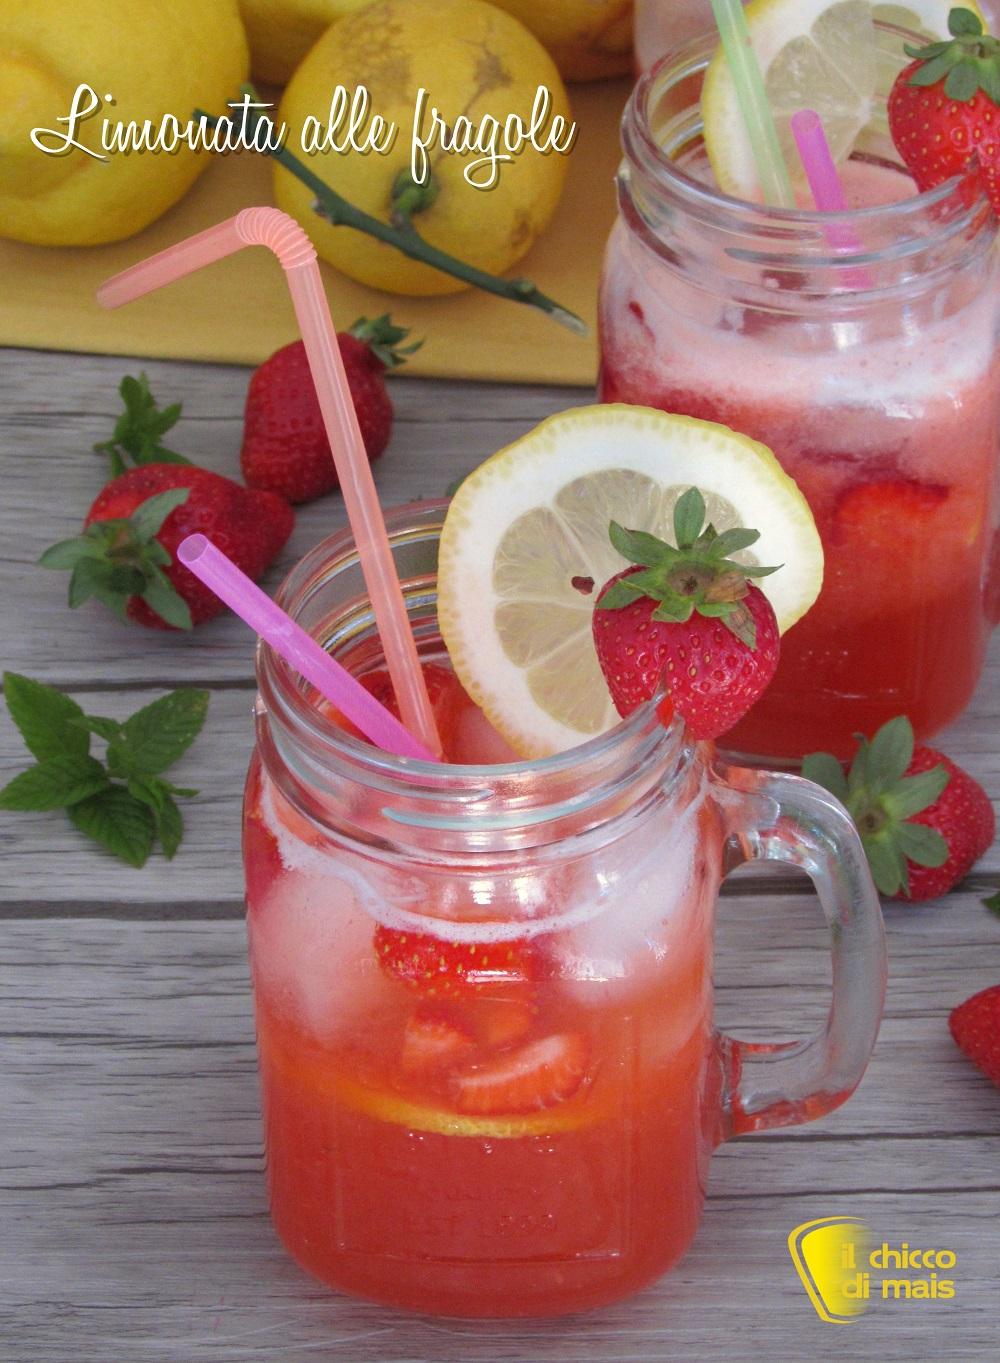 verticale_Limonata alle fragole ricetta bevanda dissetante con fragole fresche analcolica il chicco di mais